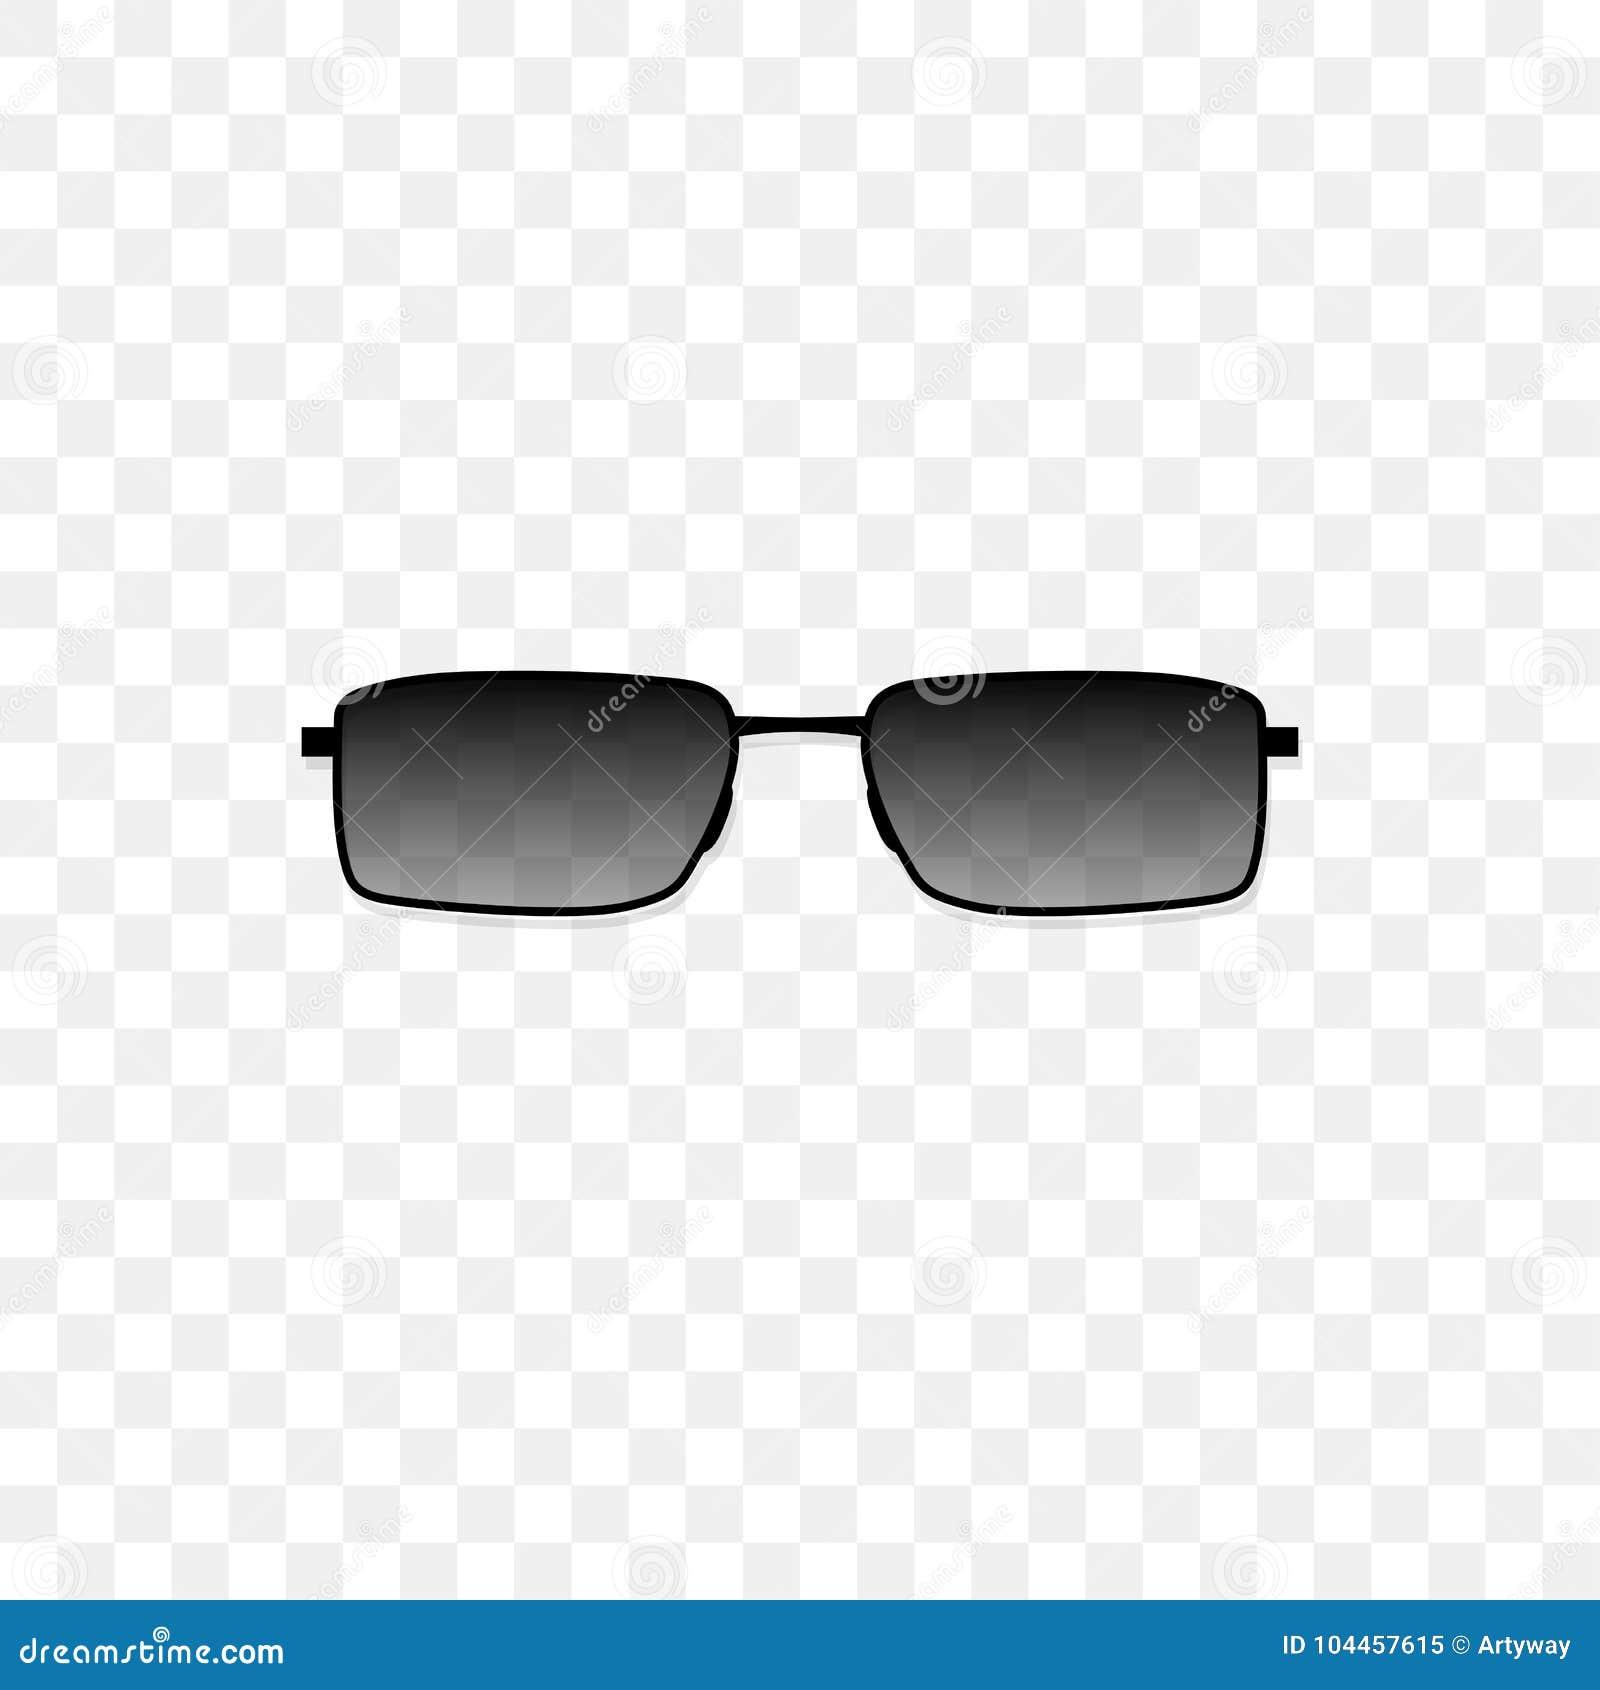 Realistische Sonnenbrille Mit Einem Lichtdurchlässigen